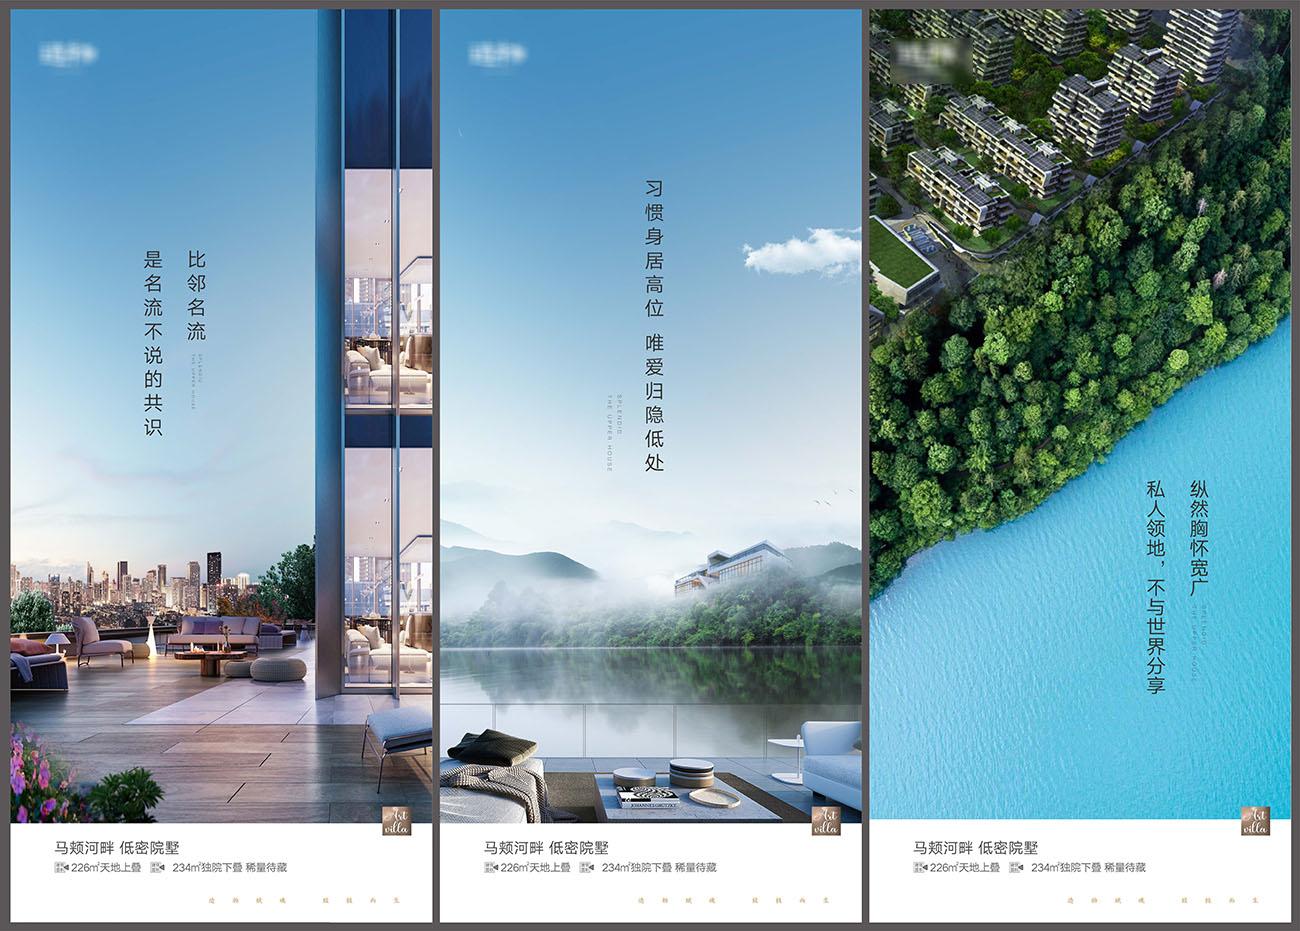 地产别墅低密住宅价值系列图AI源文件插图